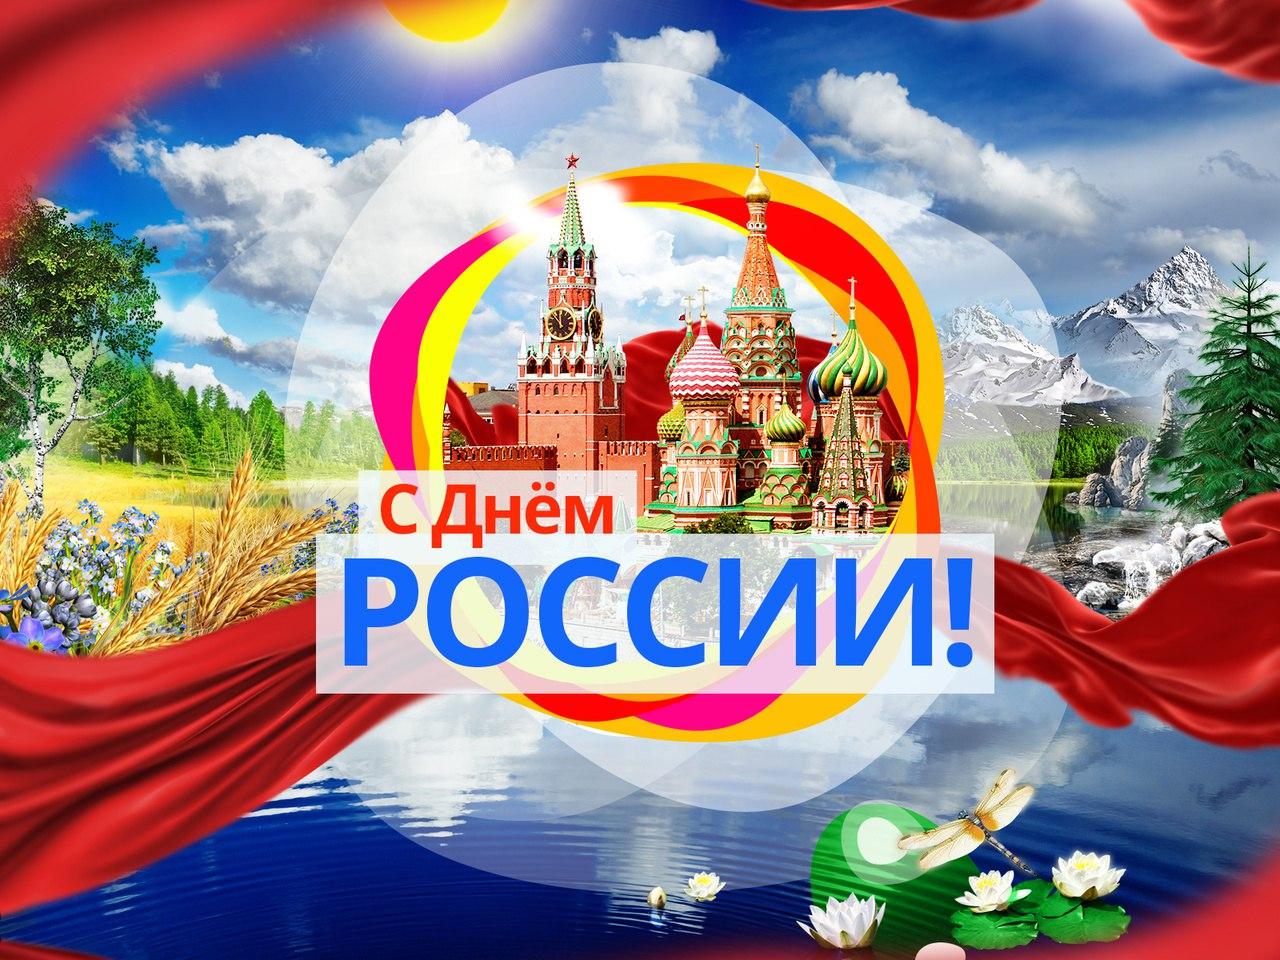 Поздравления на День России 2018 в 89